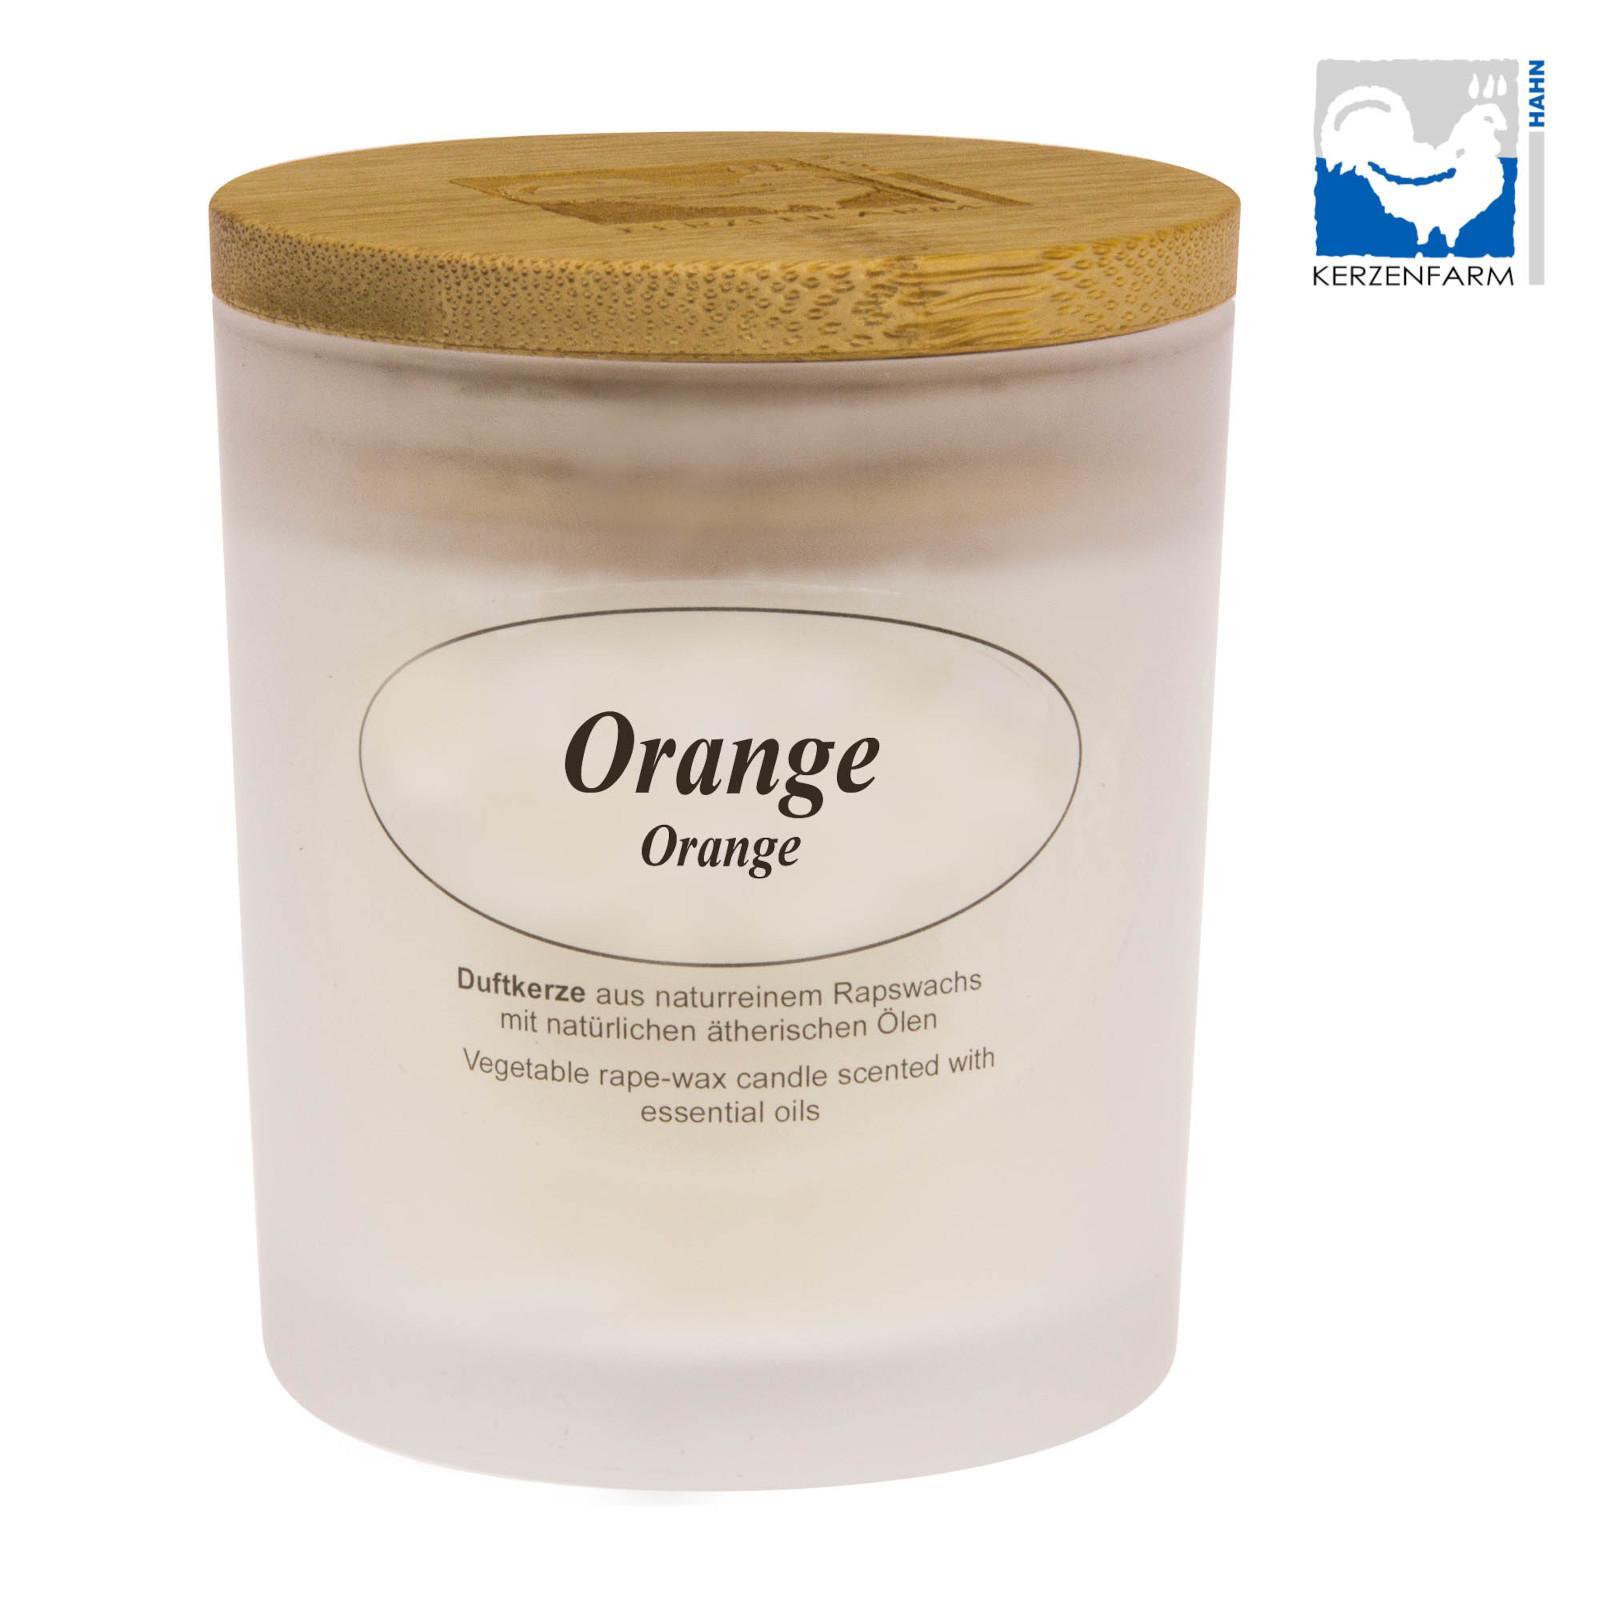 Kerzenfarm Přírodní svíčka Orange, mléčné sklo 8 cm